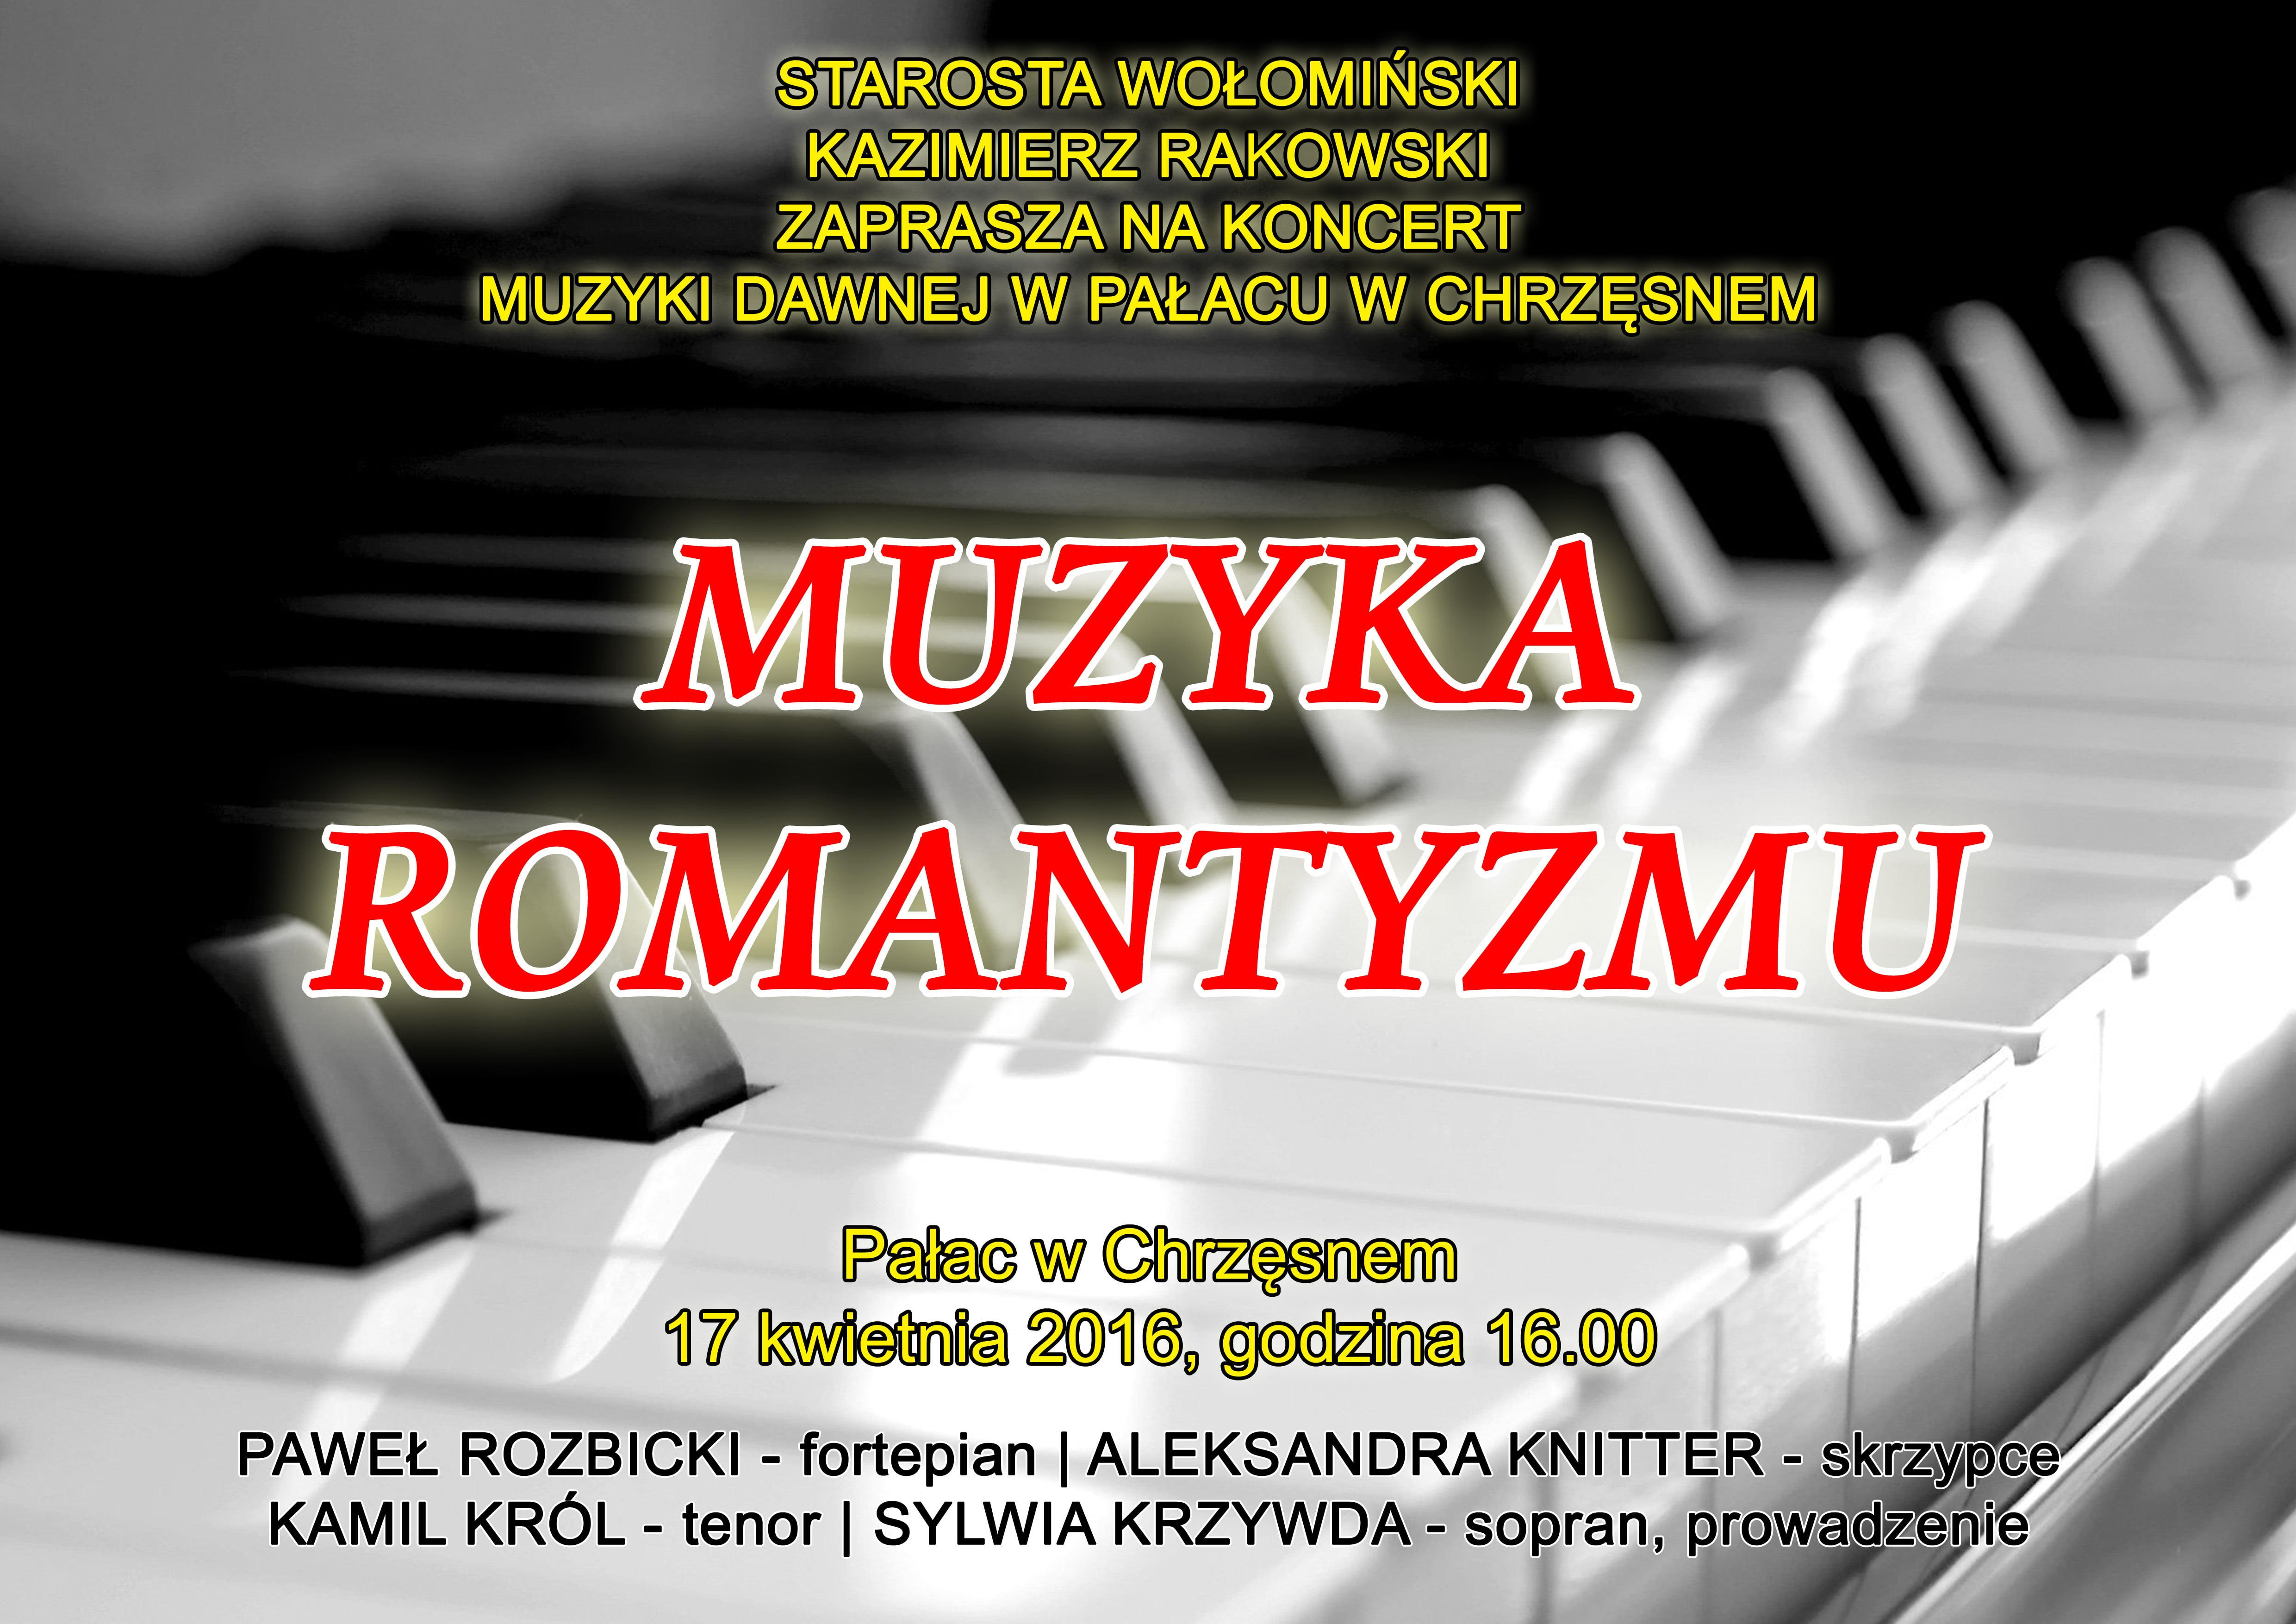 Muzyka Romantyzmu